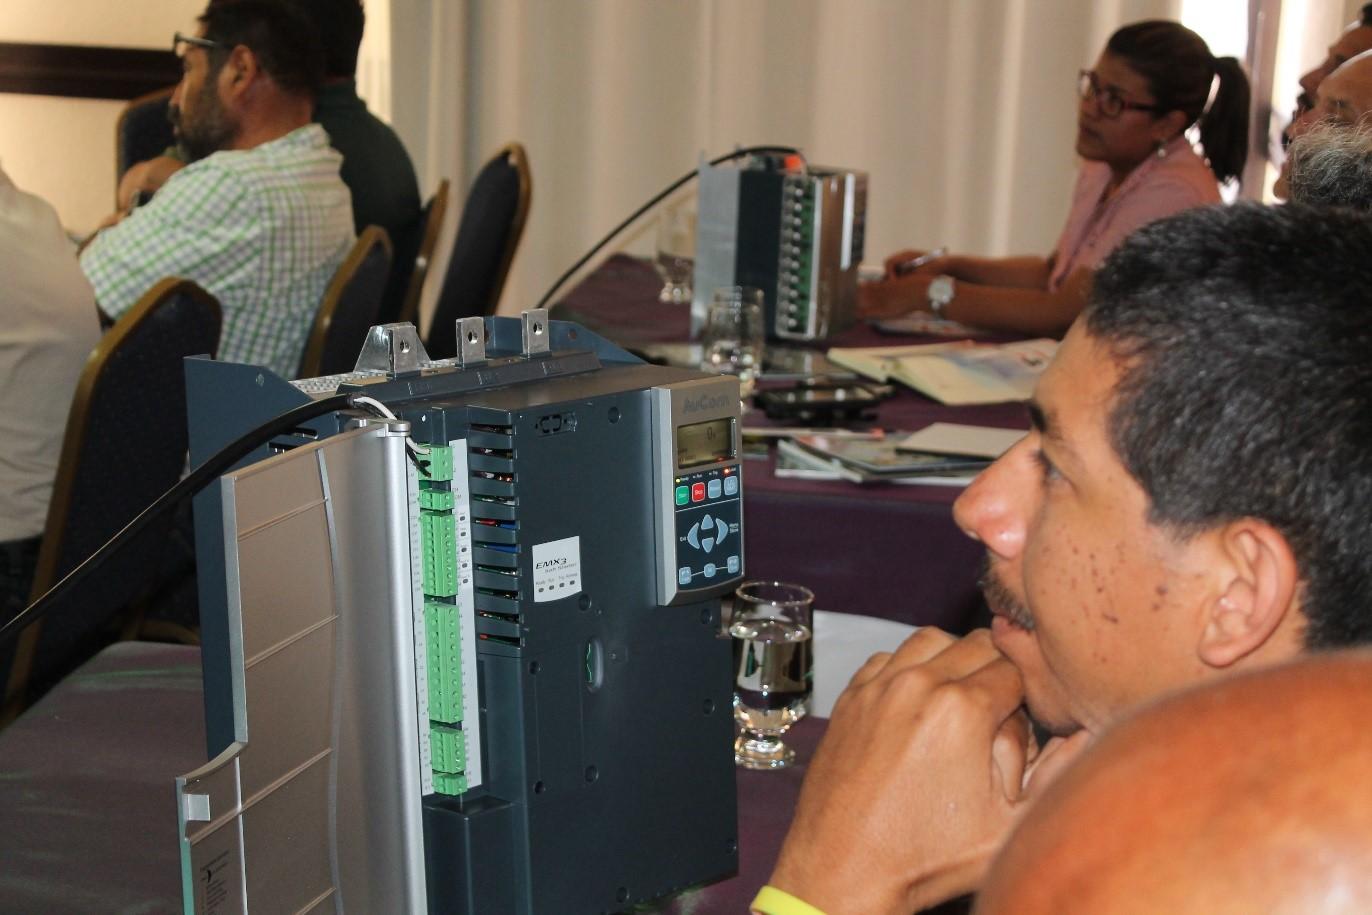 Commercel_Training_Session.jpg